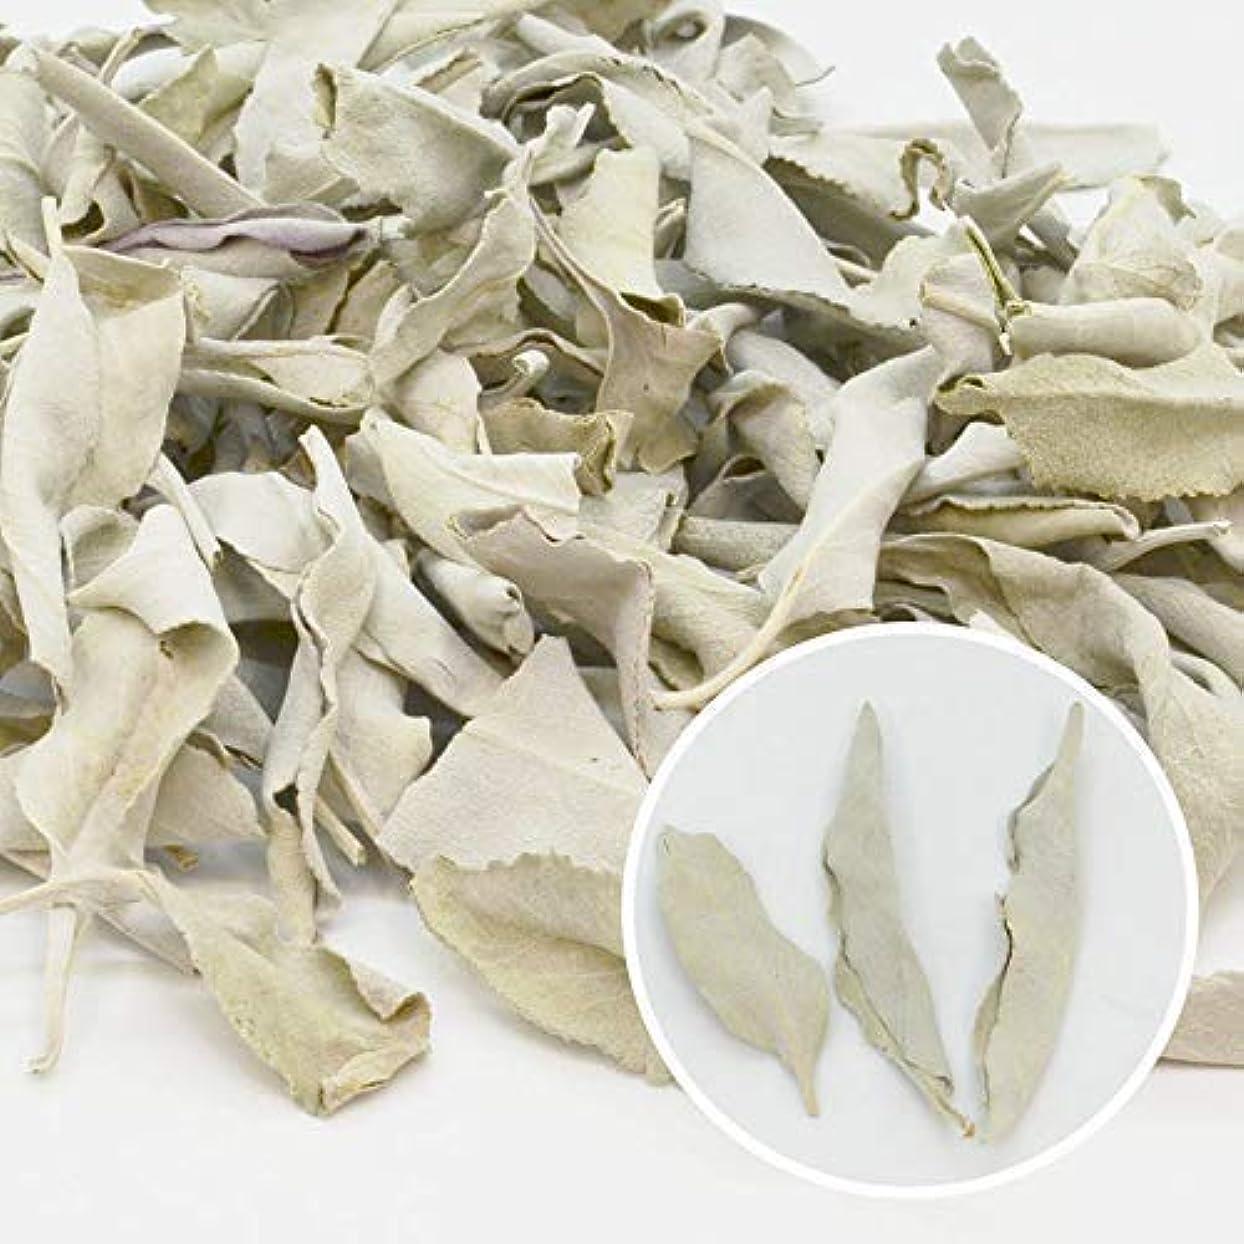 戦士クレーン群衆高品質 無農薬 ホワイトセージ 枝無し(リーフ) 約10g カリフォルニア産 浄化用 お香に